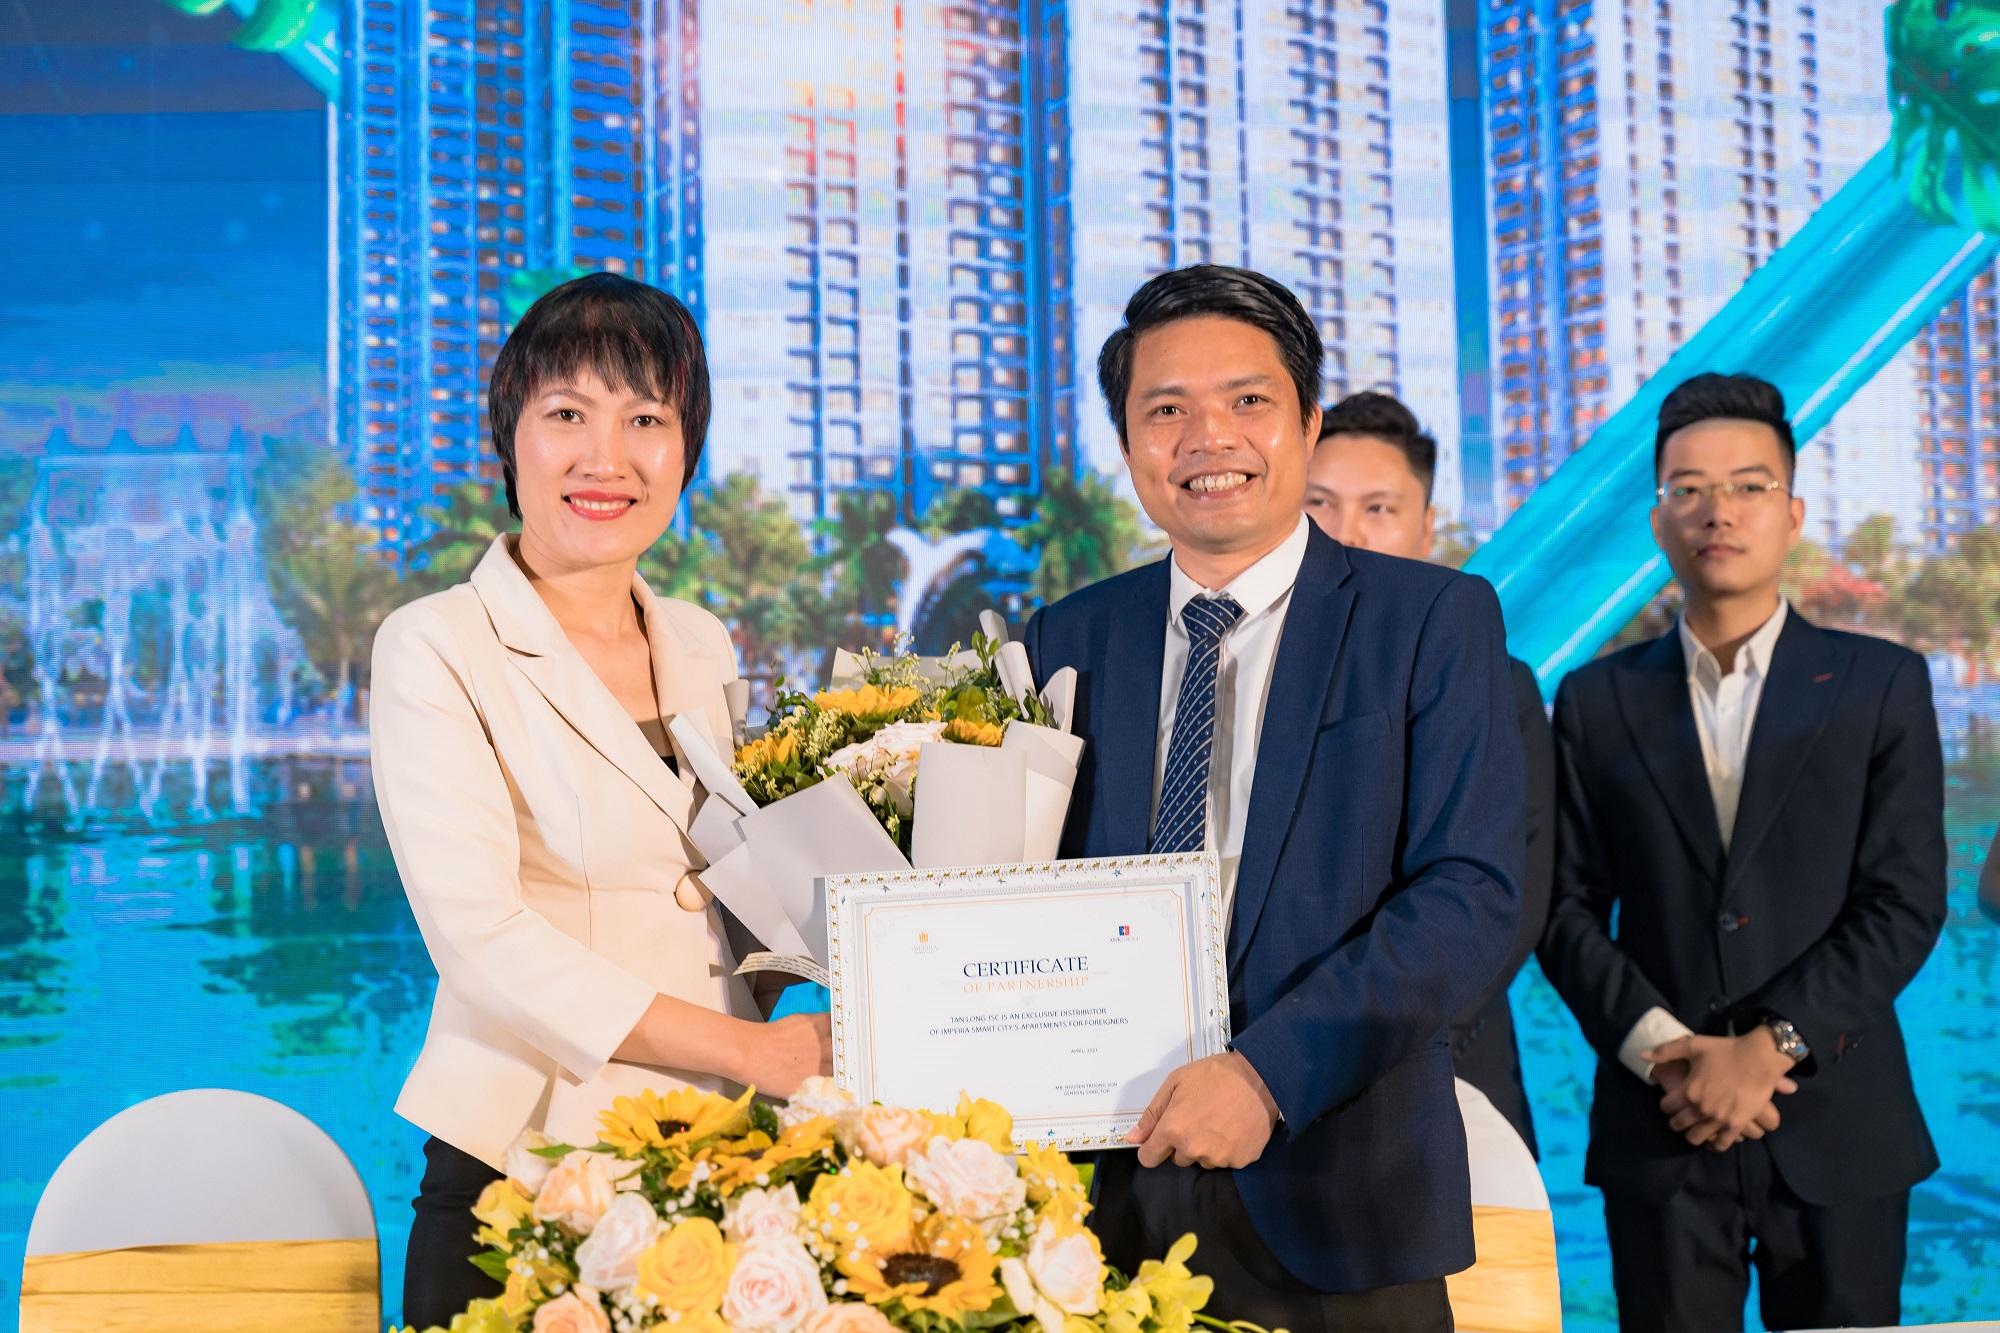 Đại diện MIKGroup trao chứng nhận hợp tác cho đại diện Tân Long Land